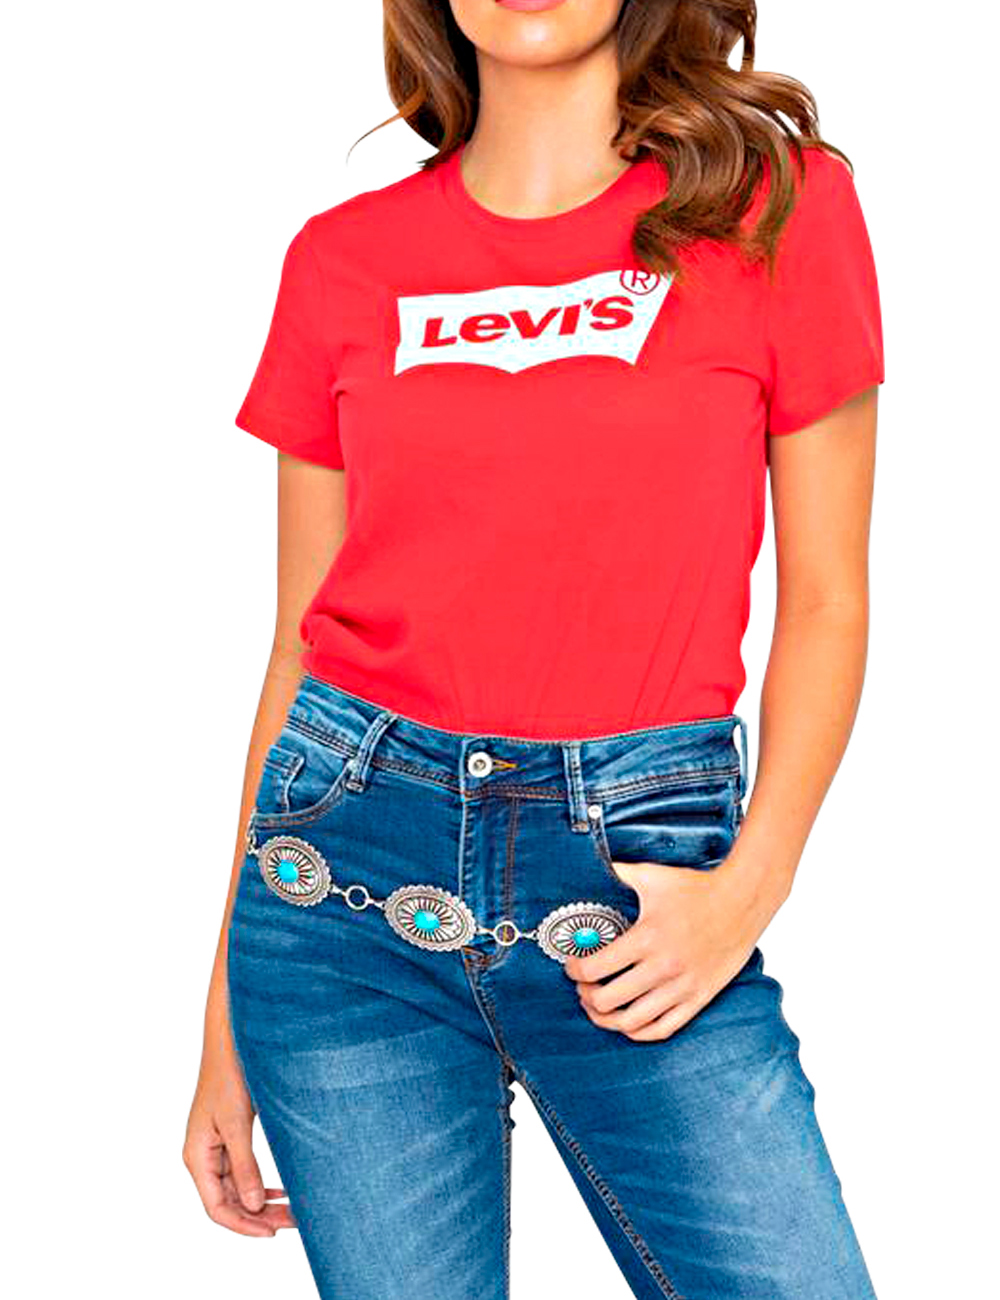 Pour T Et Blanc Femme Shirts Levi'sRouge PXZukOiT